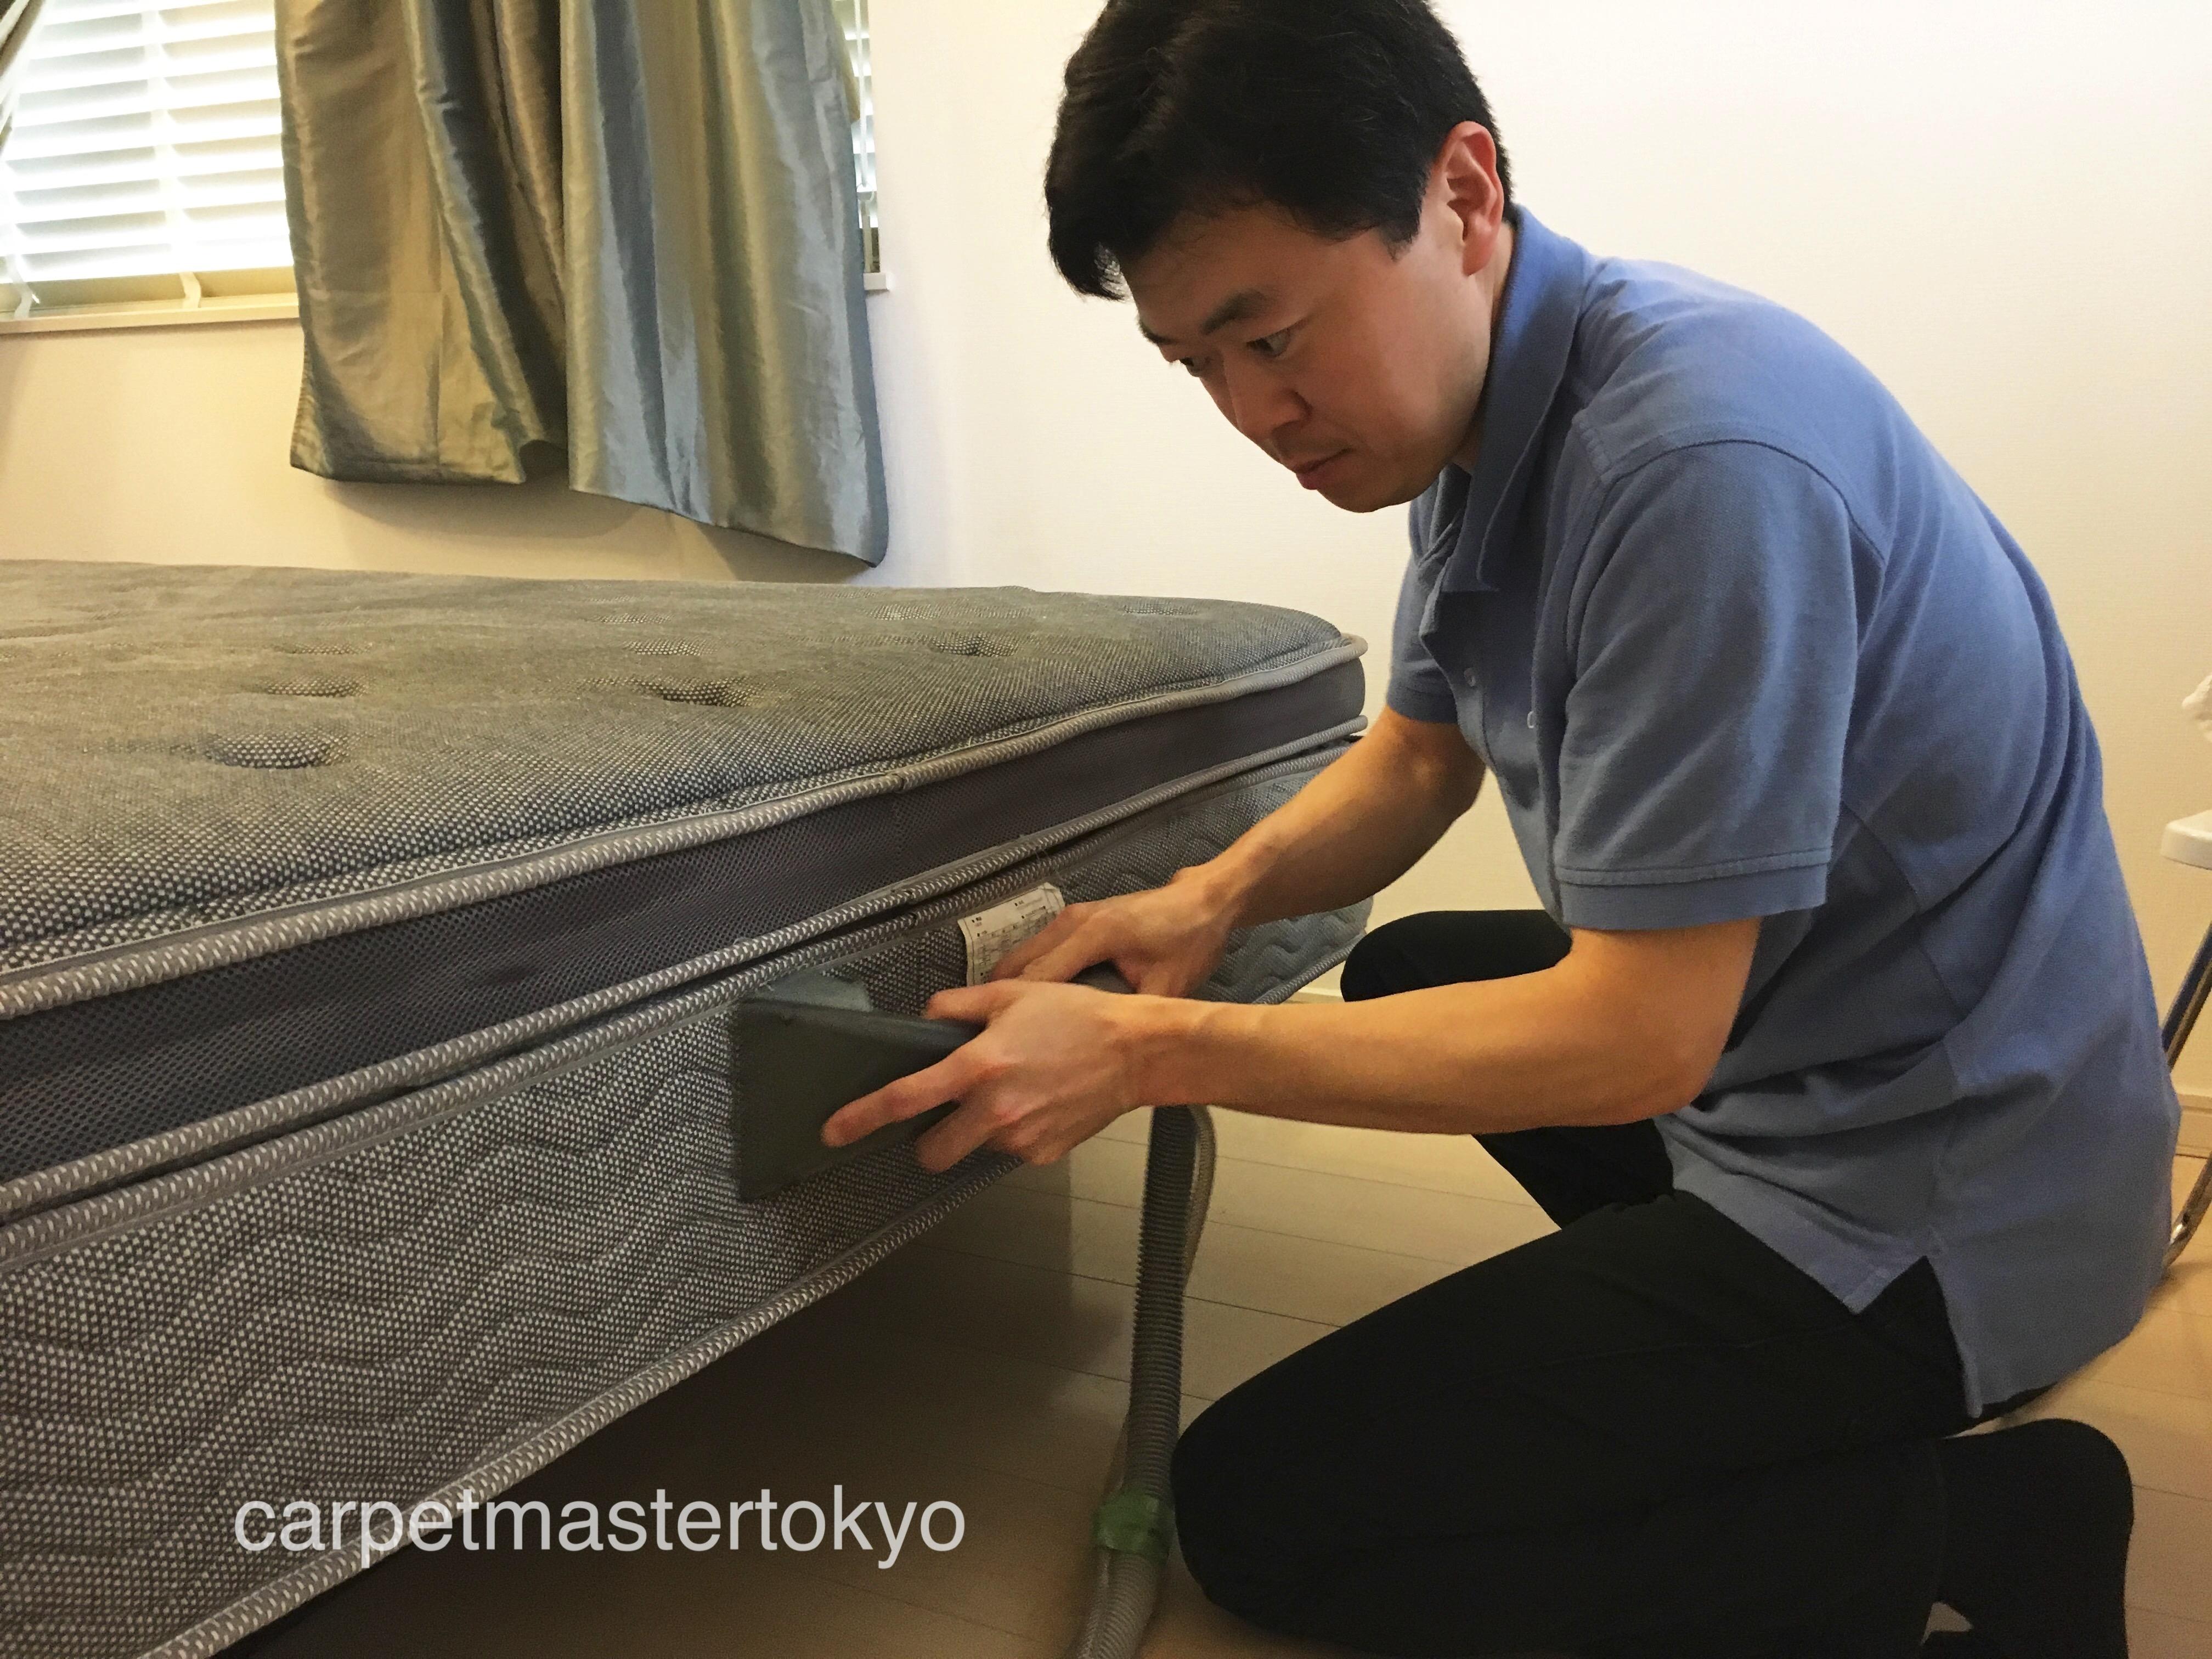 Carpet Master Tokyo | carpet cleaning tokyo